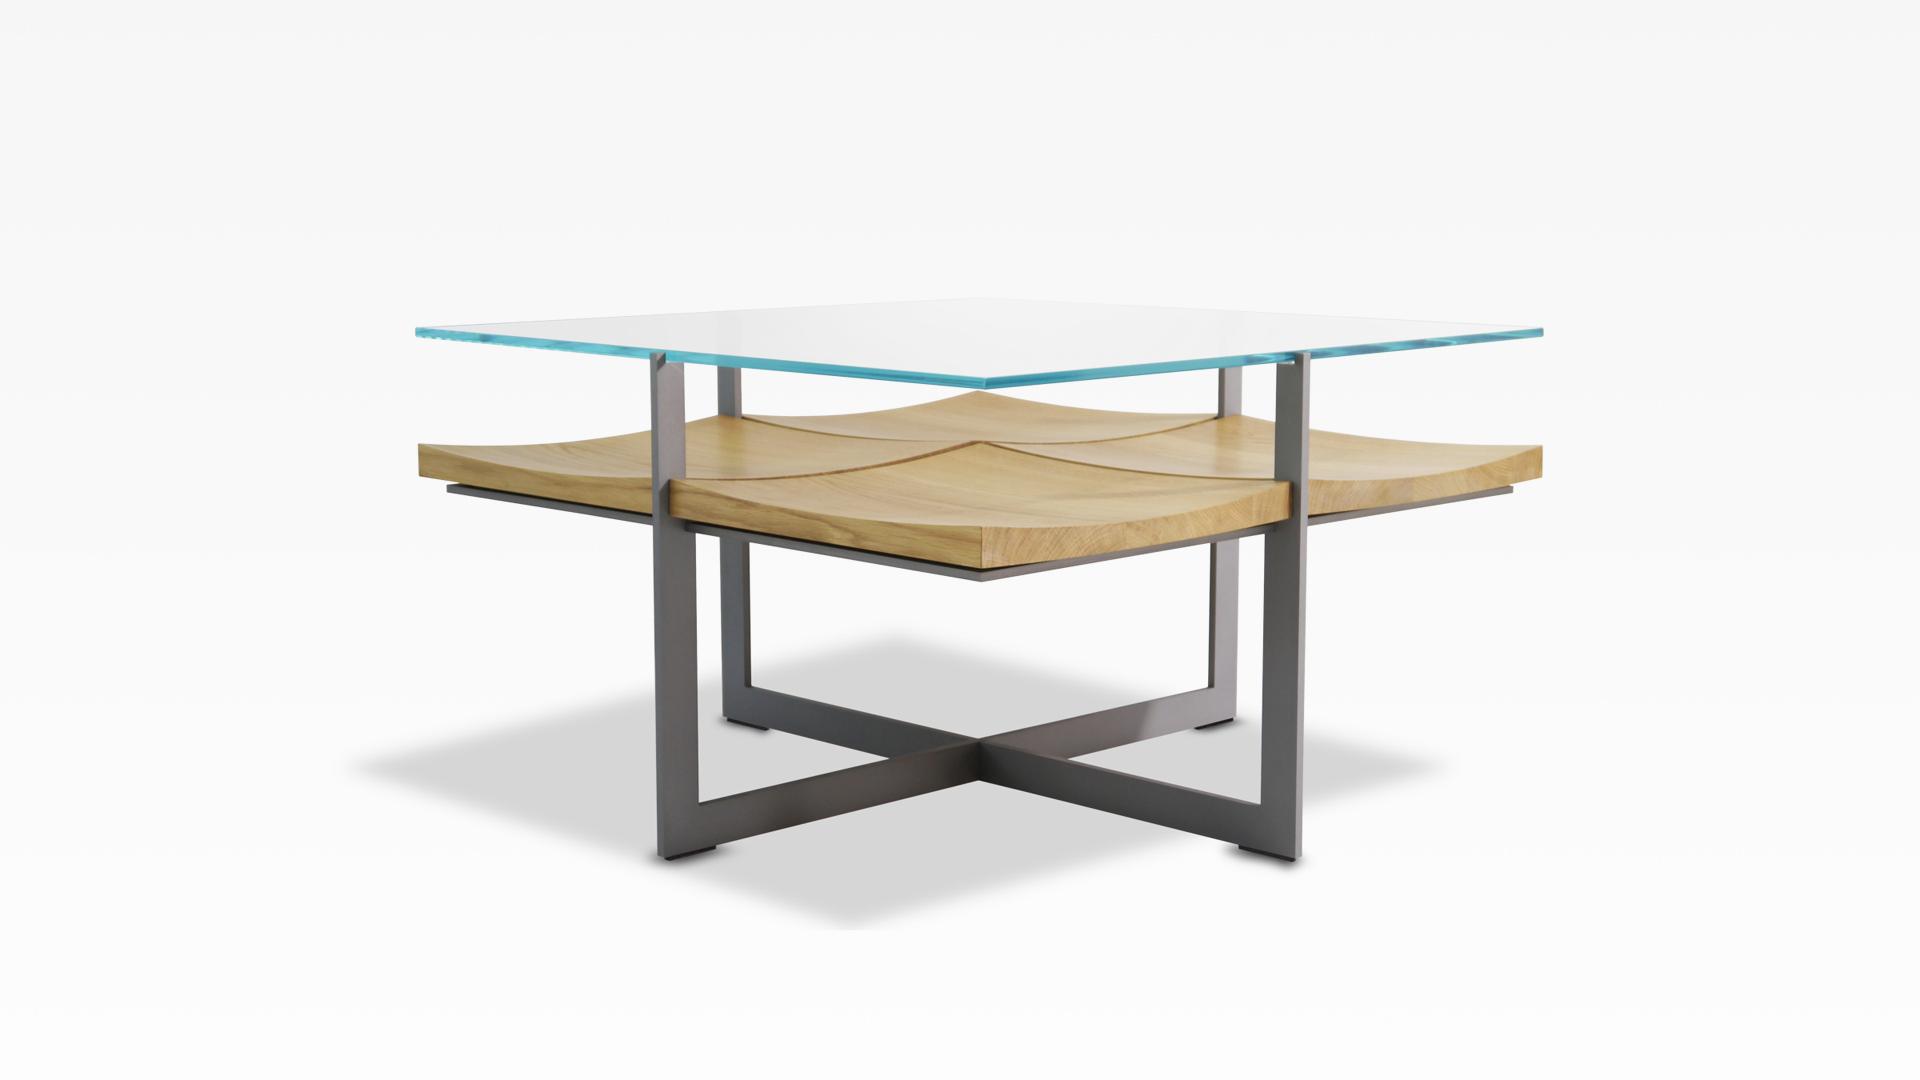 deutsu m nchner m belmanufaktur fallingwater 80x80 couchtisch mit vier schalenobjekten in. Black Bedroom Furniture Sets. Home Design Ideas